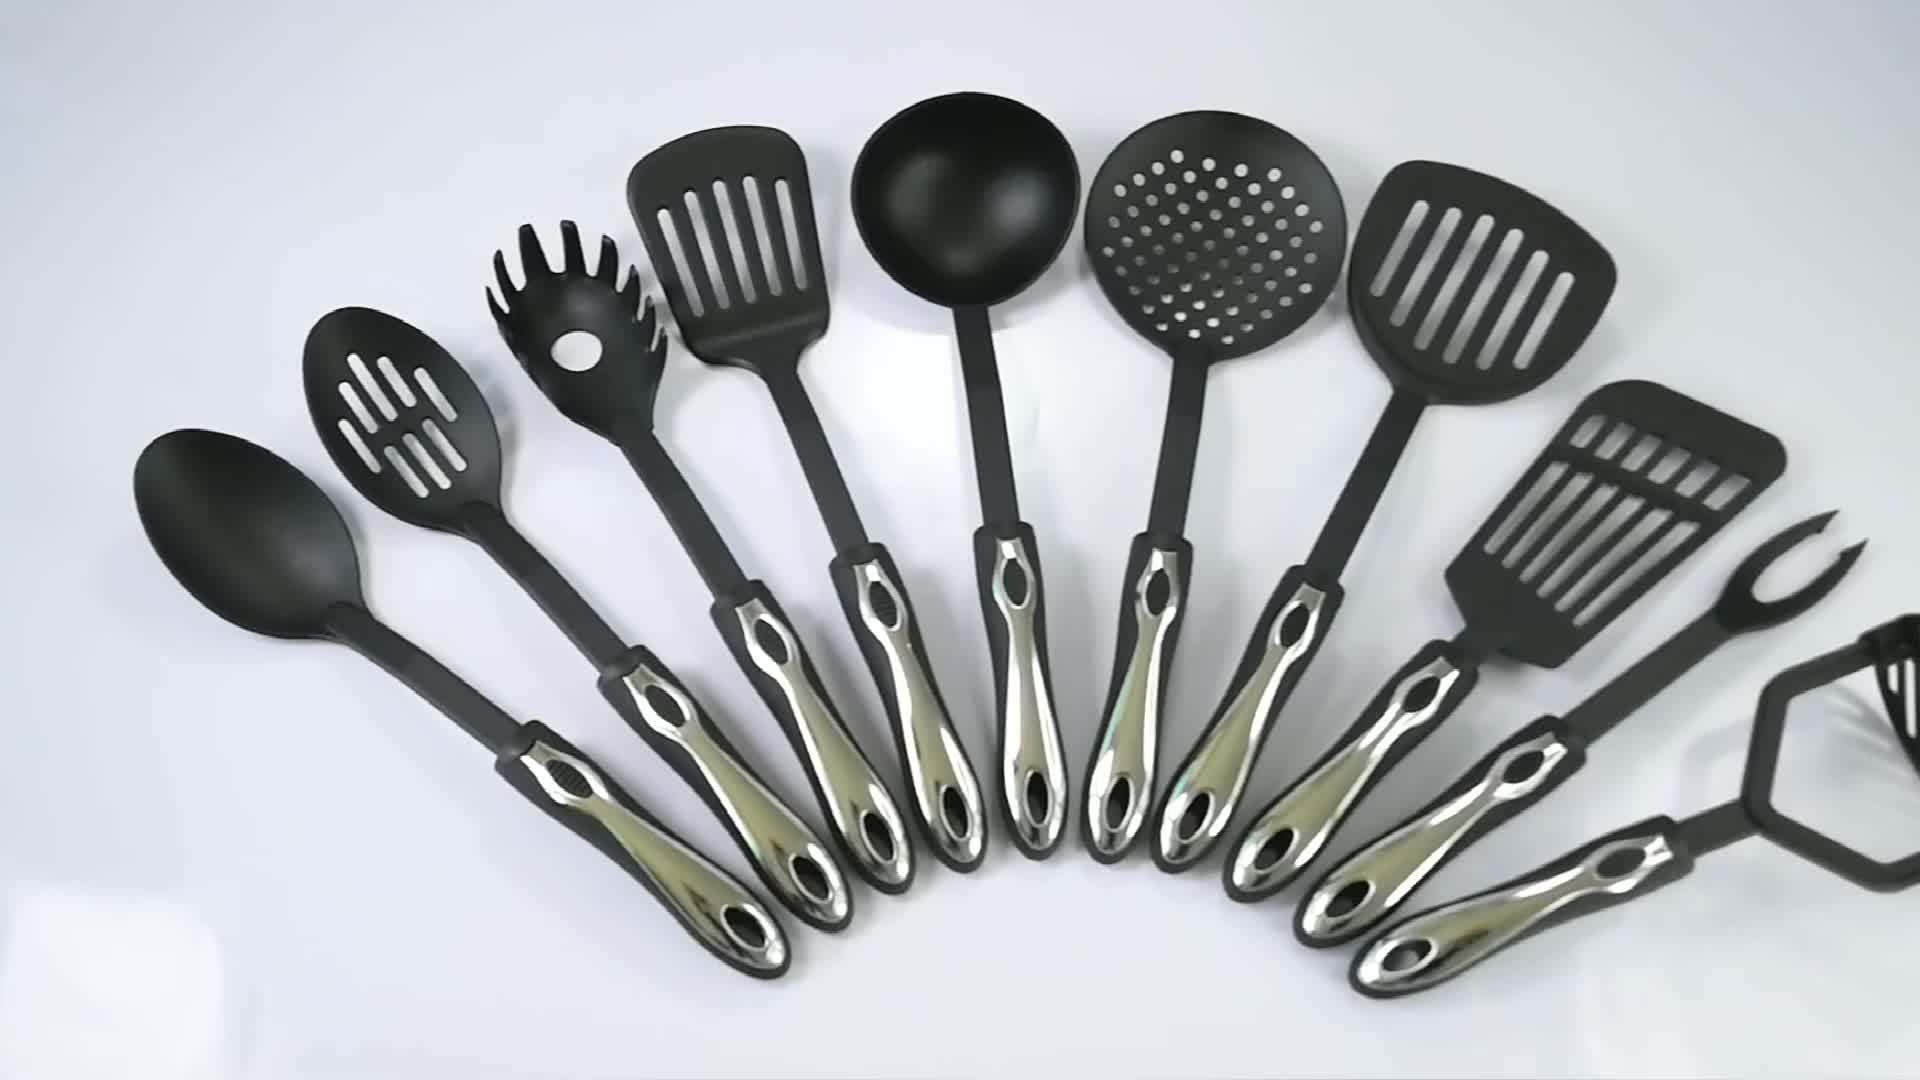 18-Piece Premium pişirme kapları Paslanmaz Çelik Ve Naylon mutfak seti Yeni